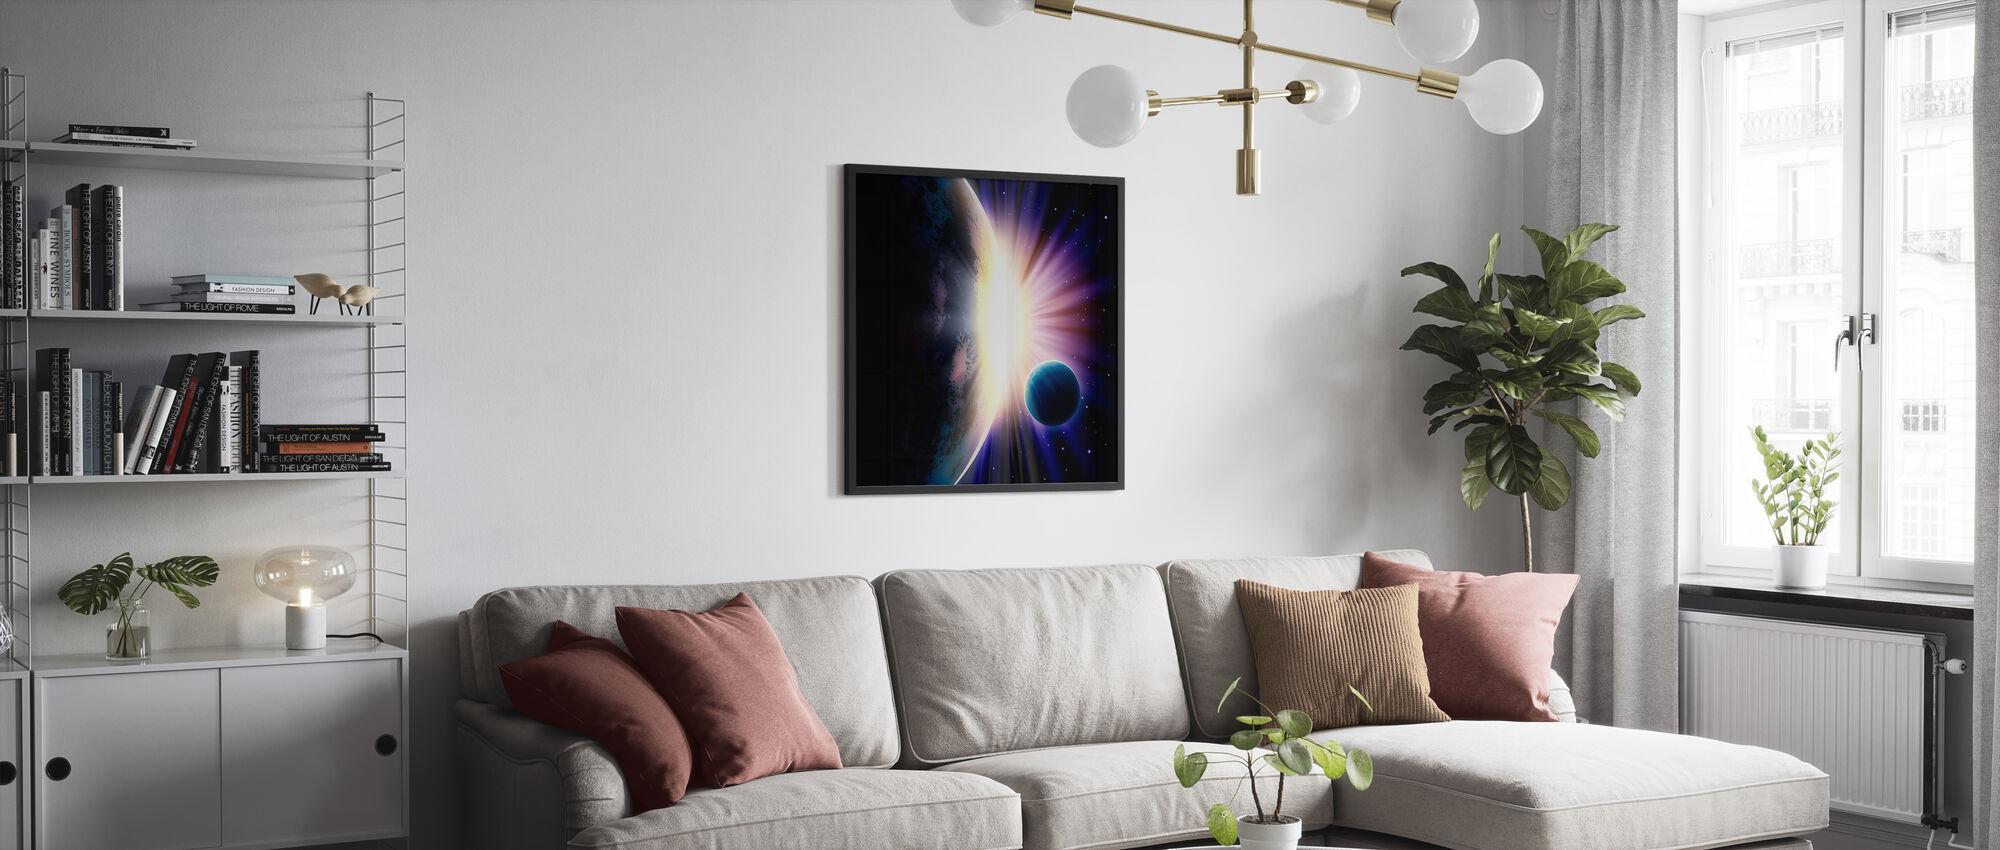 Rymd soluppgång - Inramad tavla - Vardagsrum